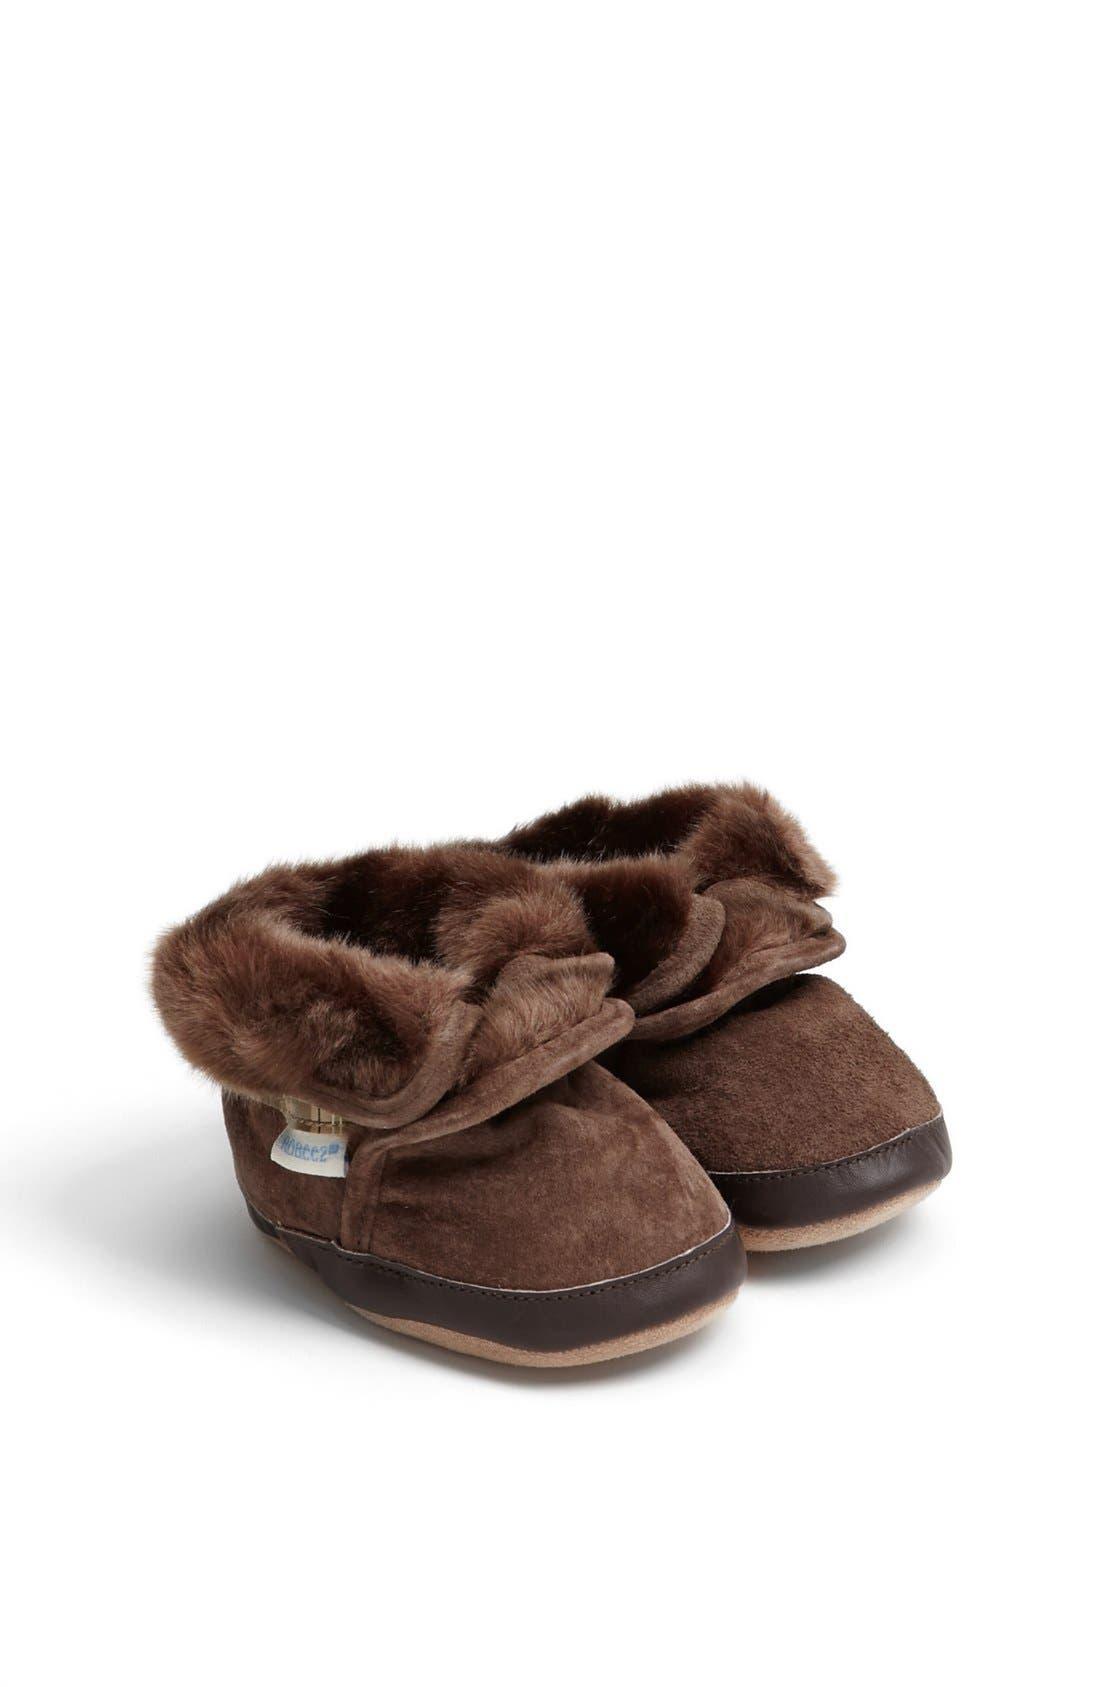 Robeez® 'Cozy' Ankle Bootie (Baby & Walker)